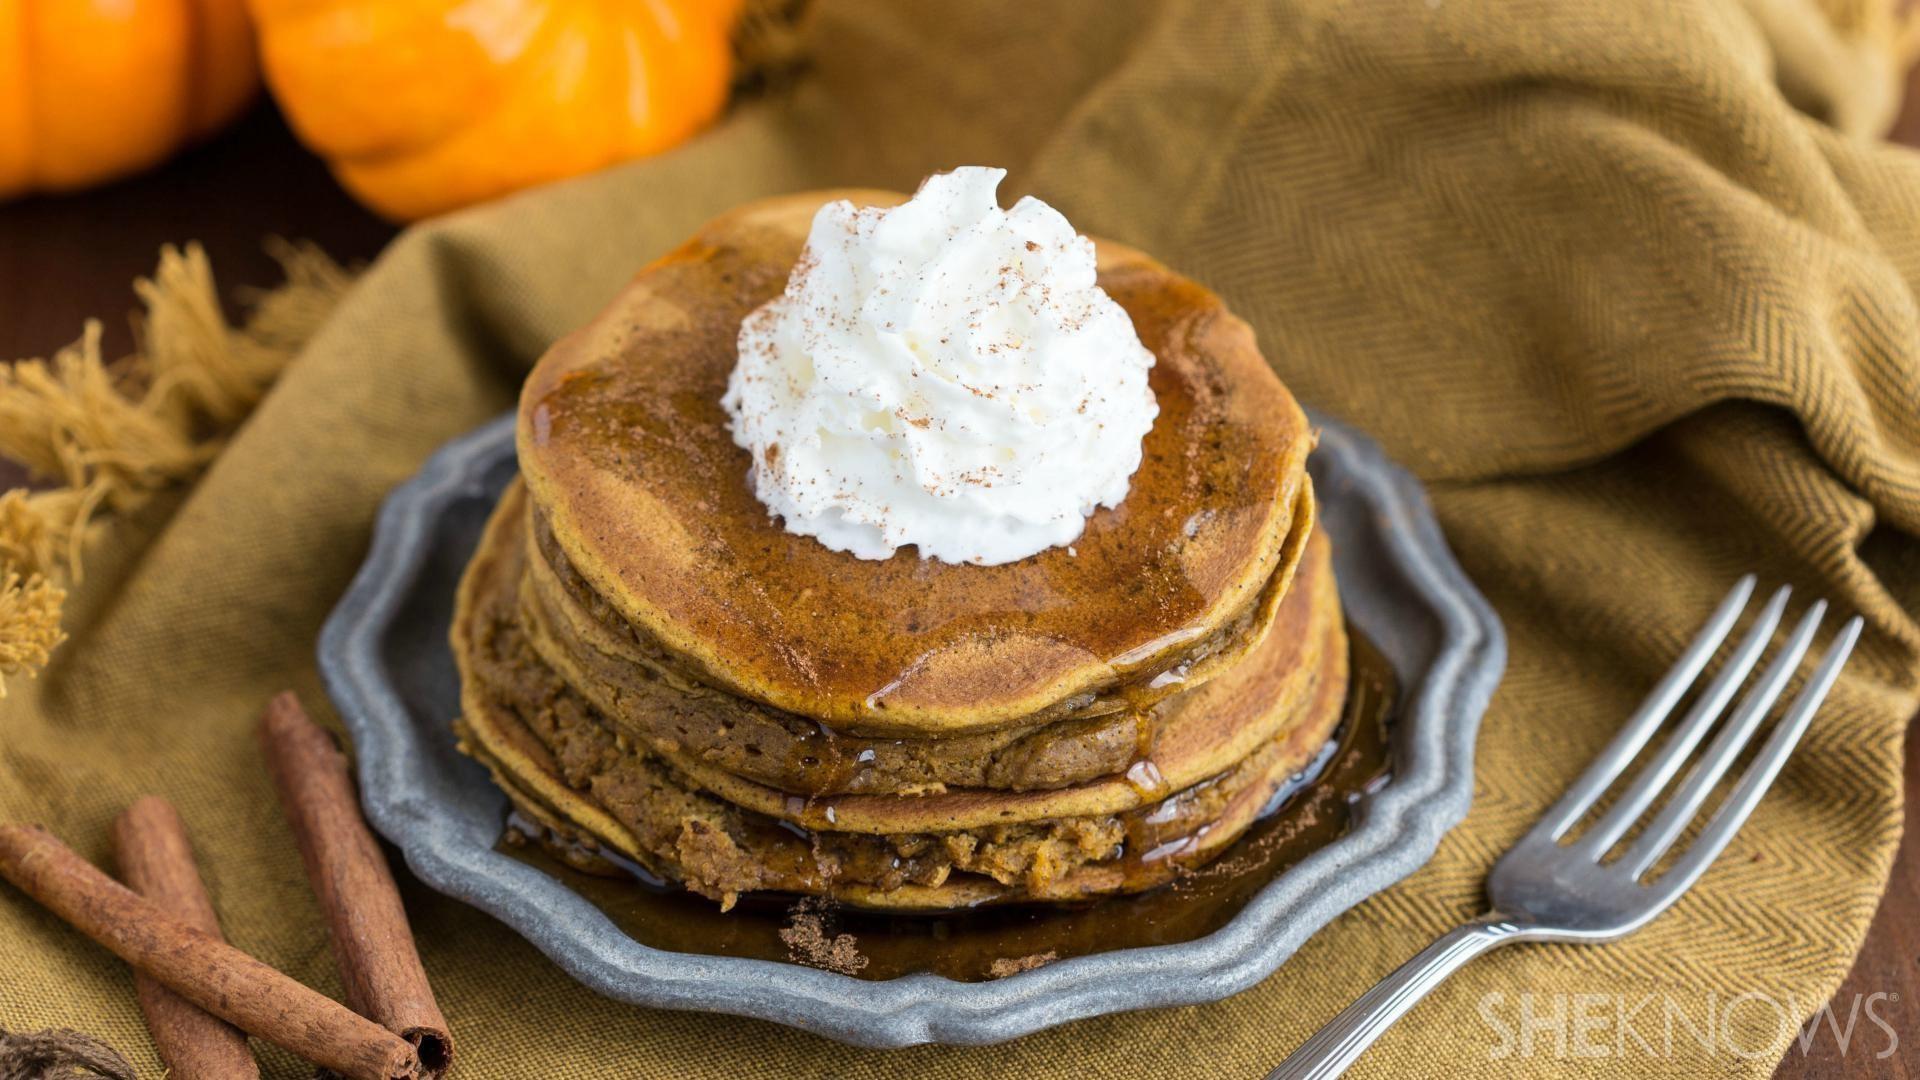 Pancake 1080p picture